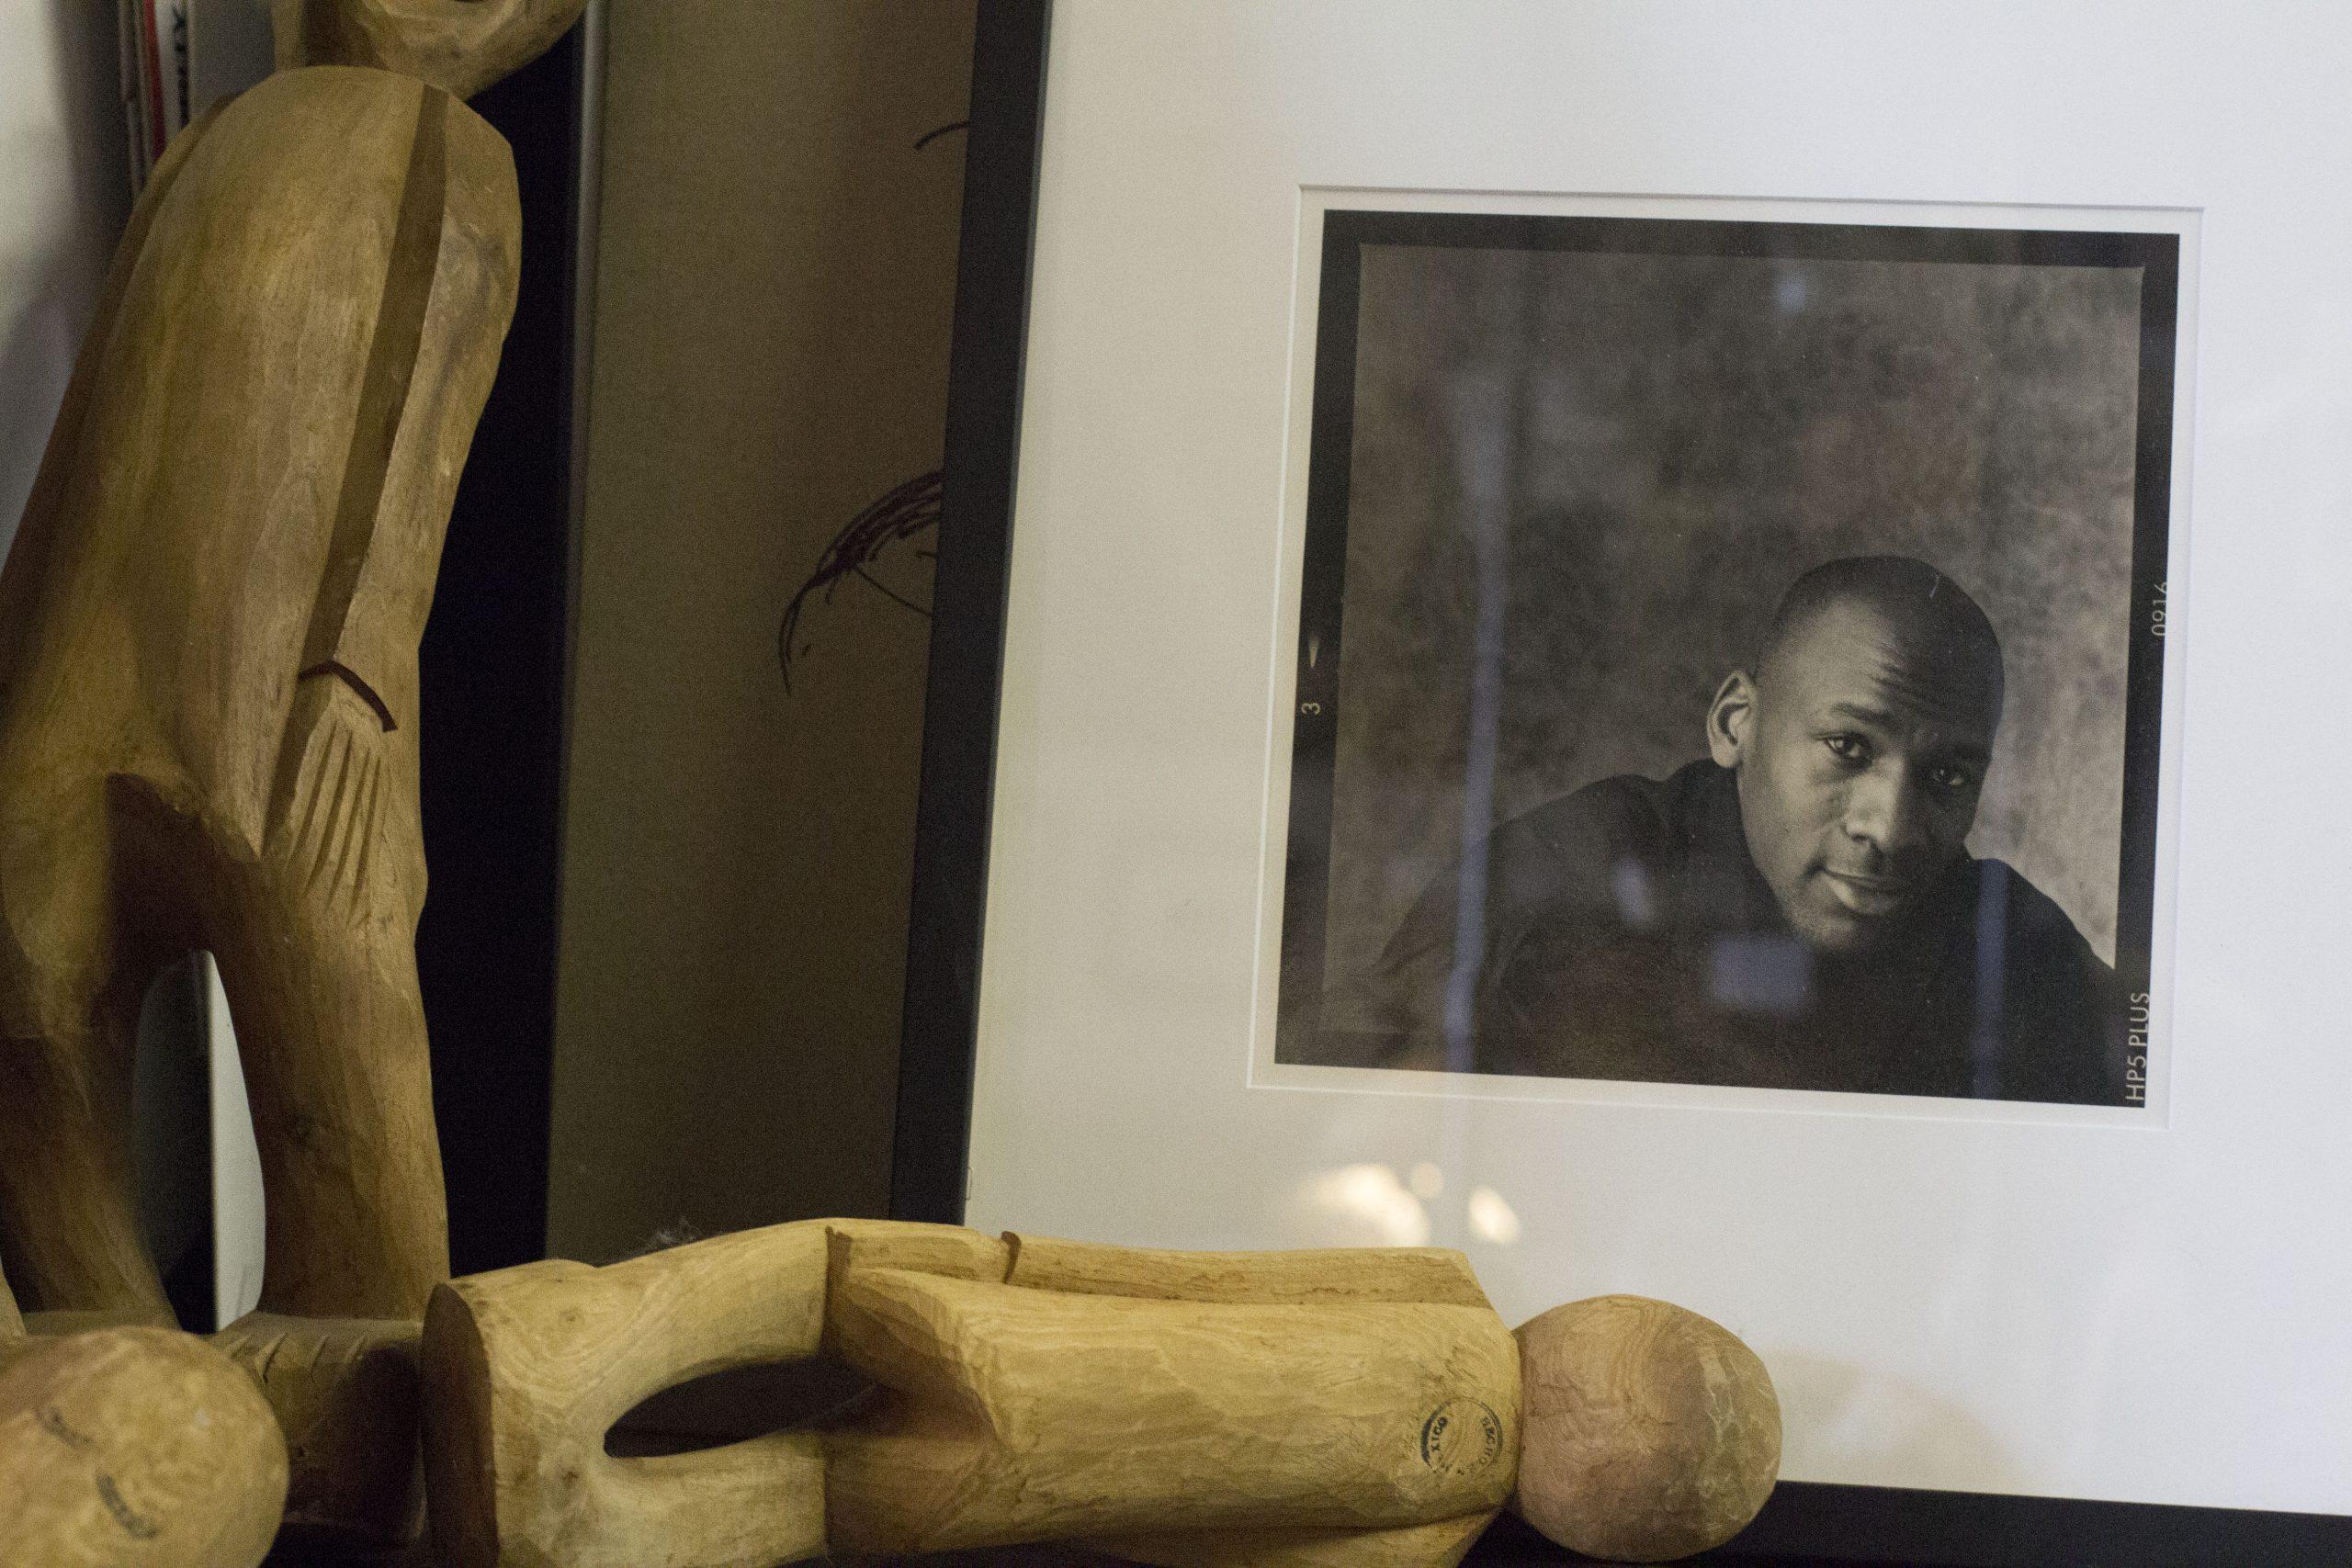 A portrait of Michael Jordan in Hauser's studio